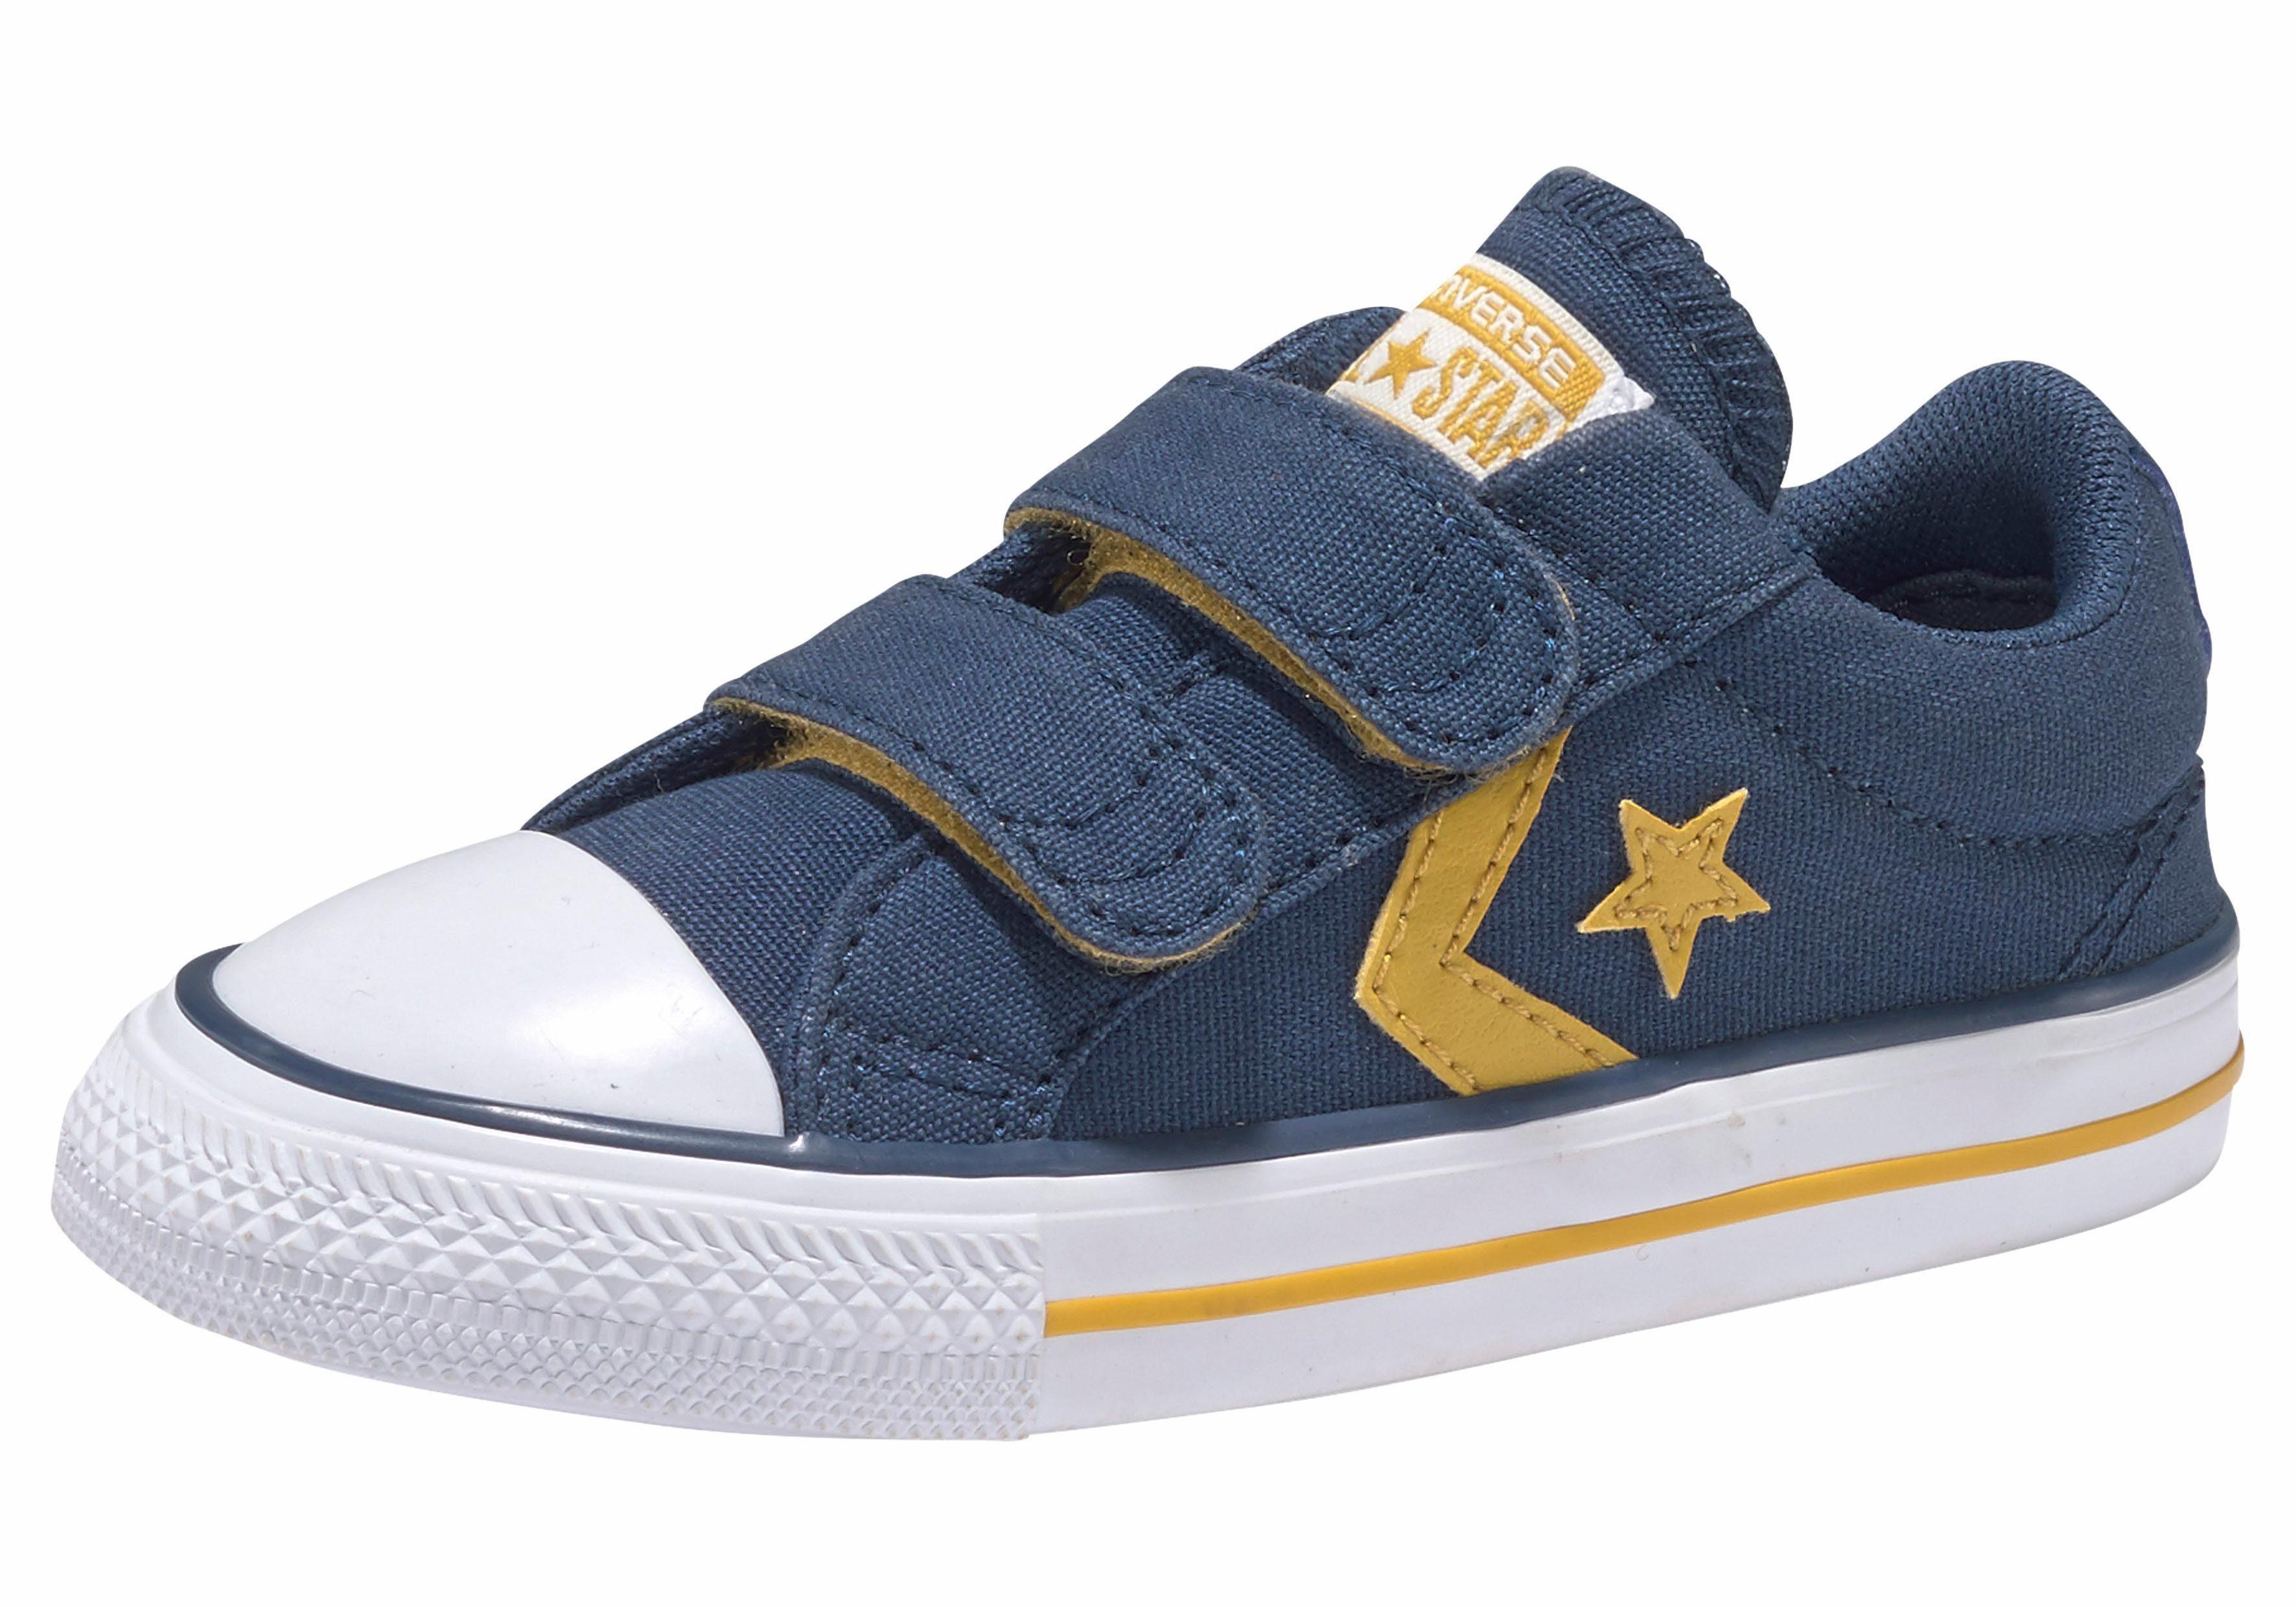 Bleu Converse Baskets Joueur Star qggJnEMB8t